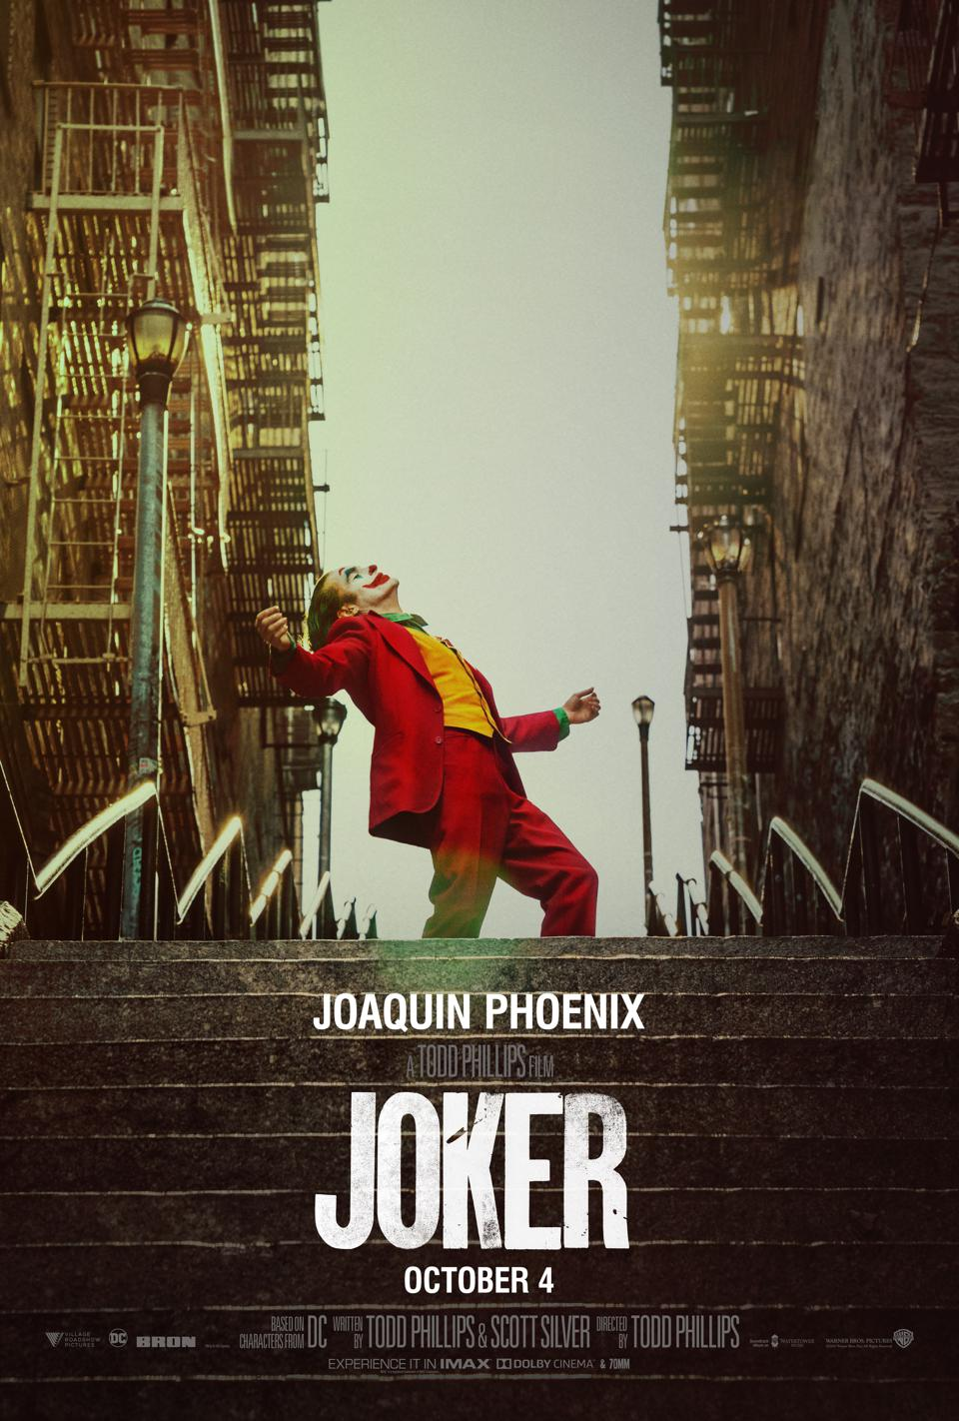 Official poster for Warner's ″Joker″